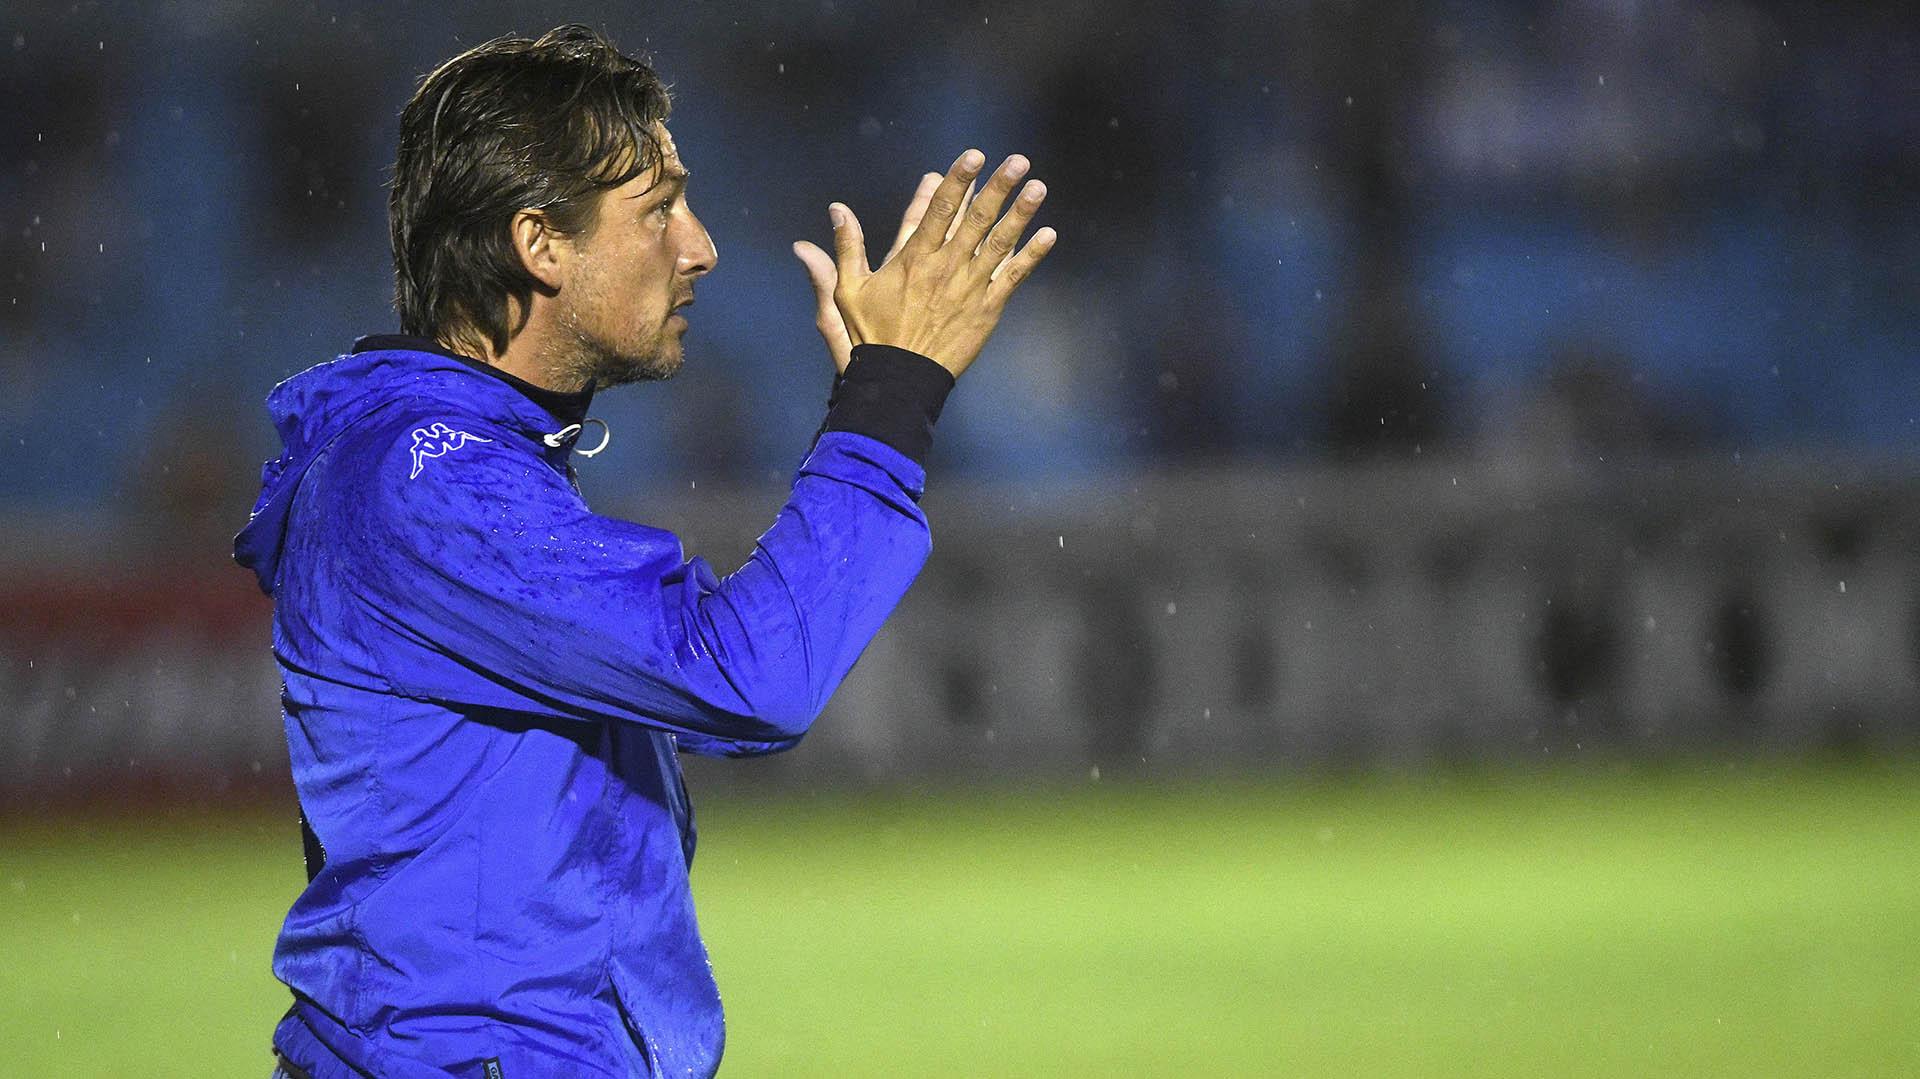 Gabriel Heinze asoma como candidato para iniciar la reconstrucción de un club europeo - Infobae